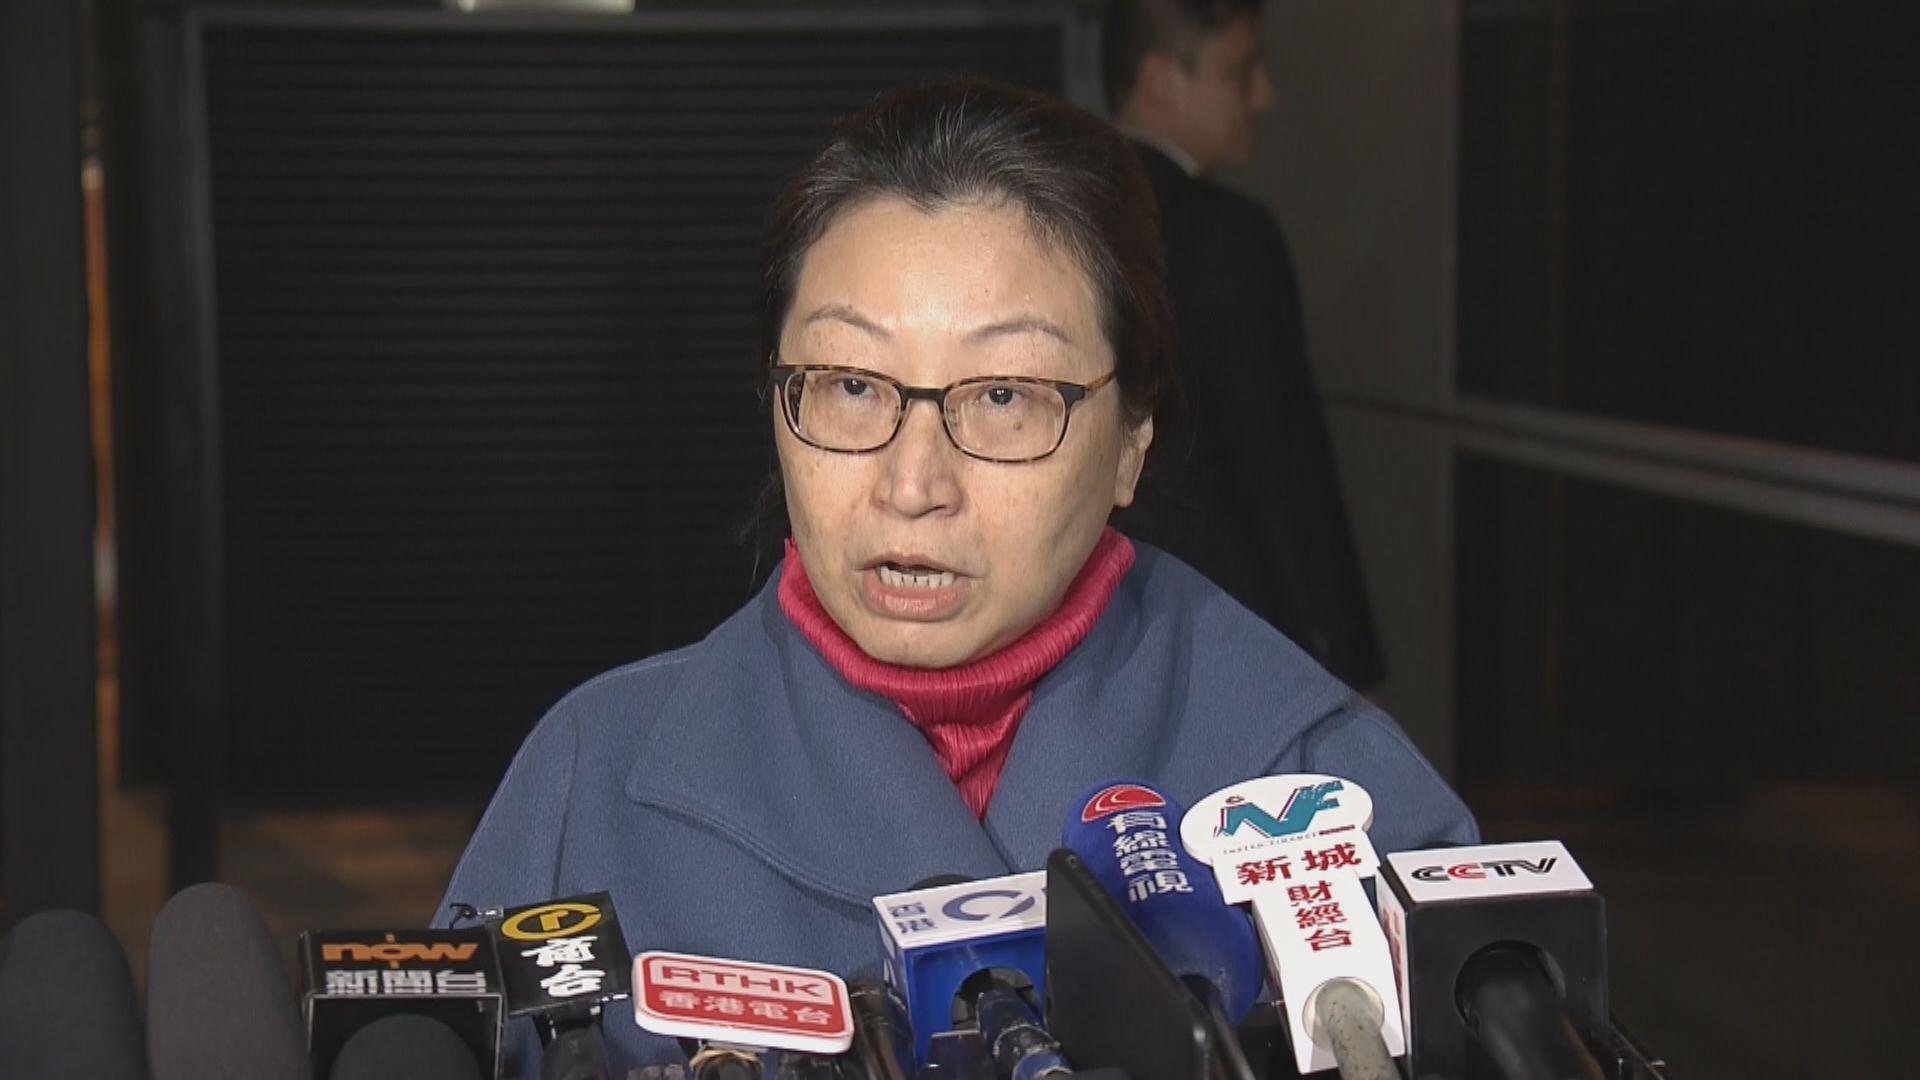 鄭若驊倫敦接受手腕手術後獲送往北京治療後再回港